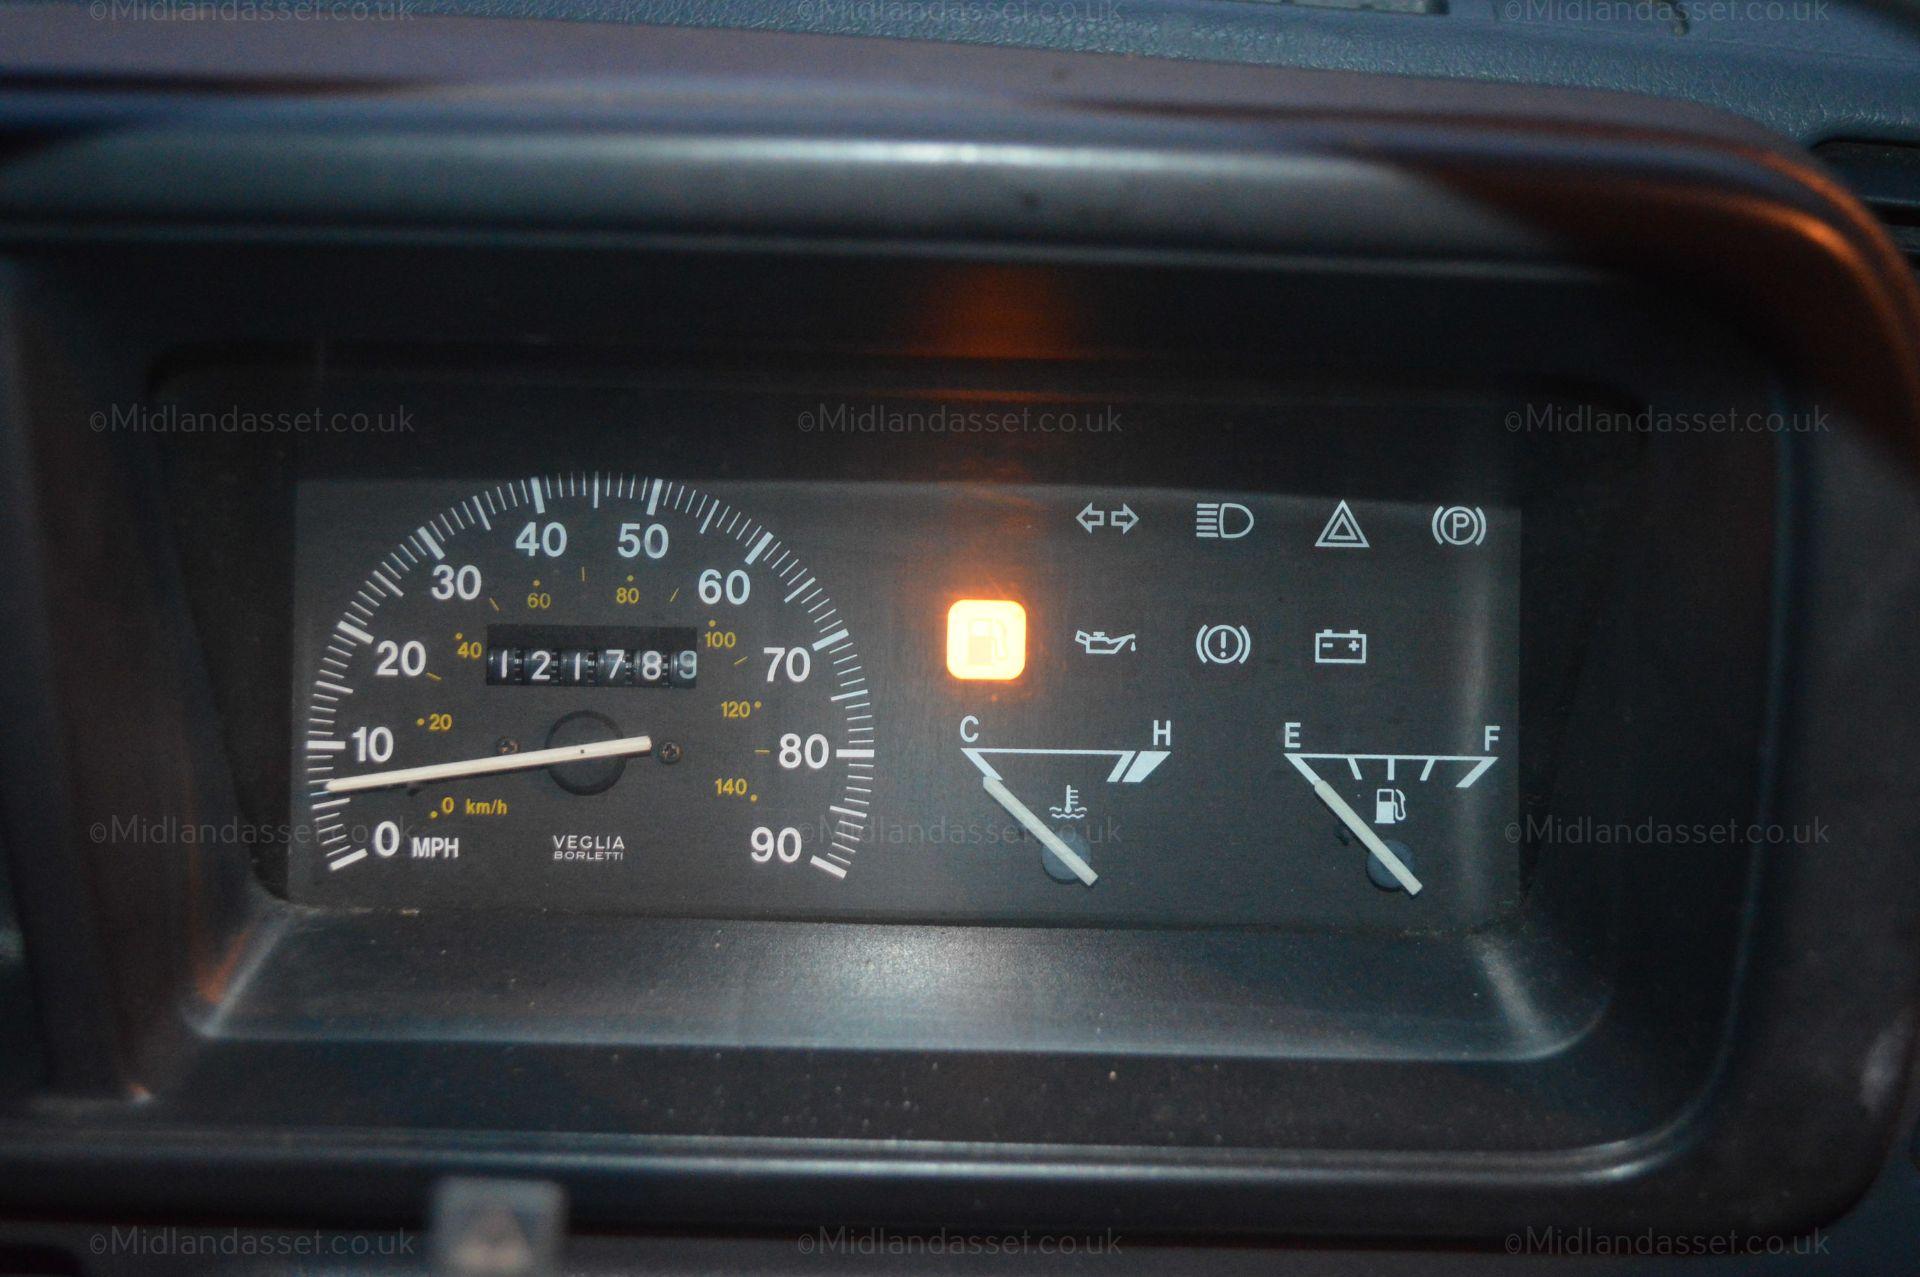 Lot 158 - 1999/T REG DAIHATSU HI-JET 1300 16V VAN *NO VAT*  DATE OF REGISTRATION: 15th JUNE 1999 MOT: 8th